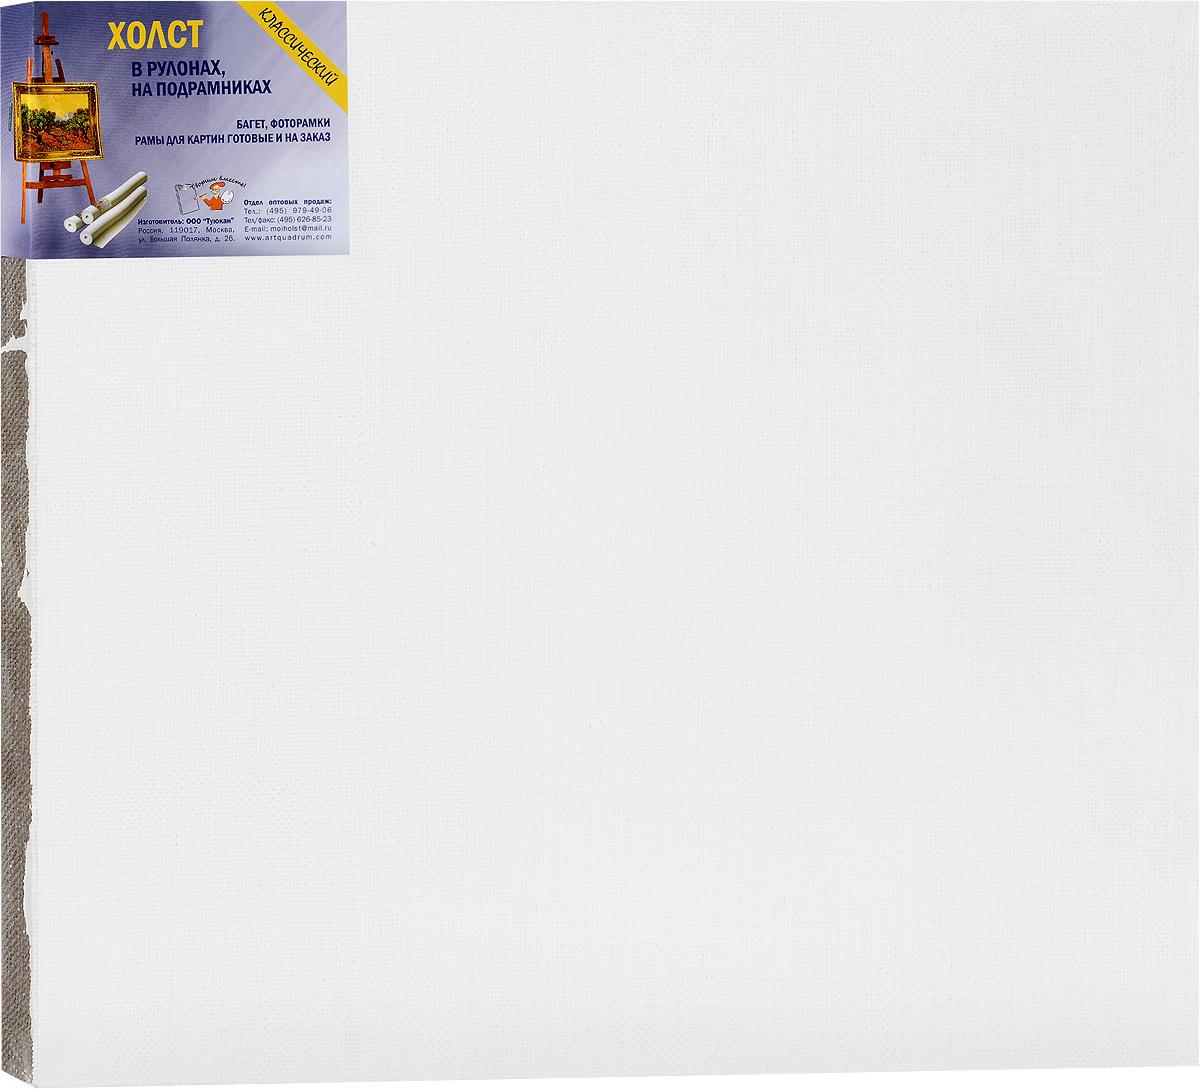 Холст ArtQuaDram Репинский на подрамнике, грунтованный, 45 х 50 смТ0003923Холст на деревянном подрамнике ArtQuaDram Репинский изготовлен из 100% натурального льна. Подходит для профессионалов и художников. Холст не трескается, не впитывает слишком много краски, цвет краски и качество не изменяются. Холст идеально подходит для масляной и акриловой живописи.